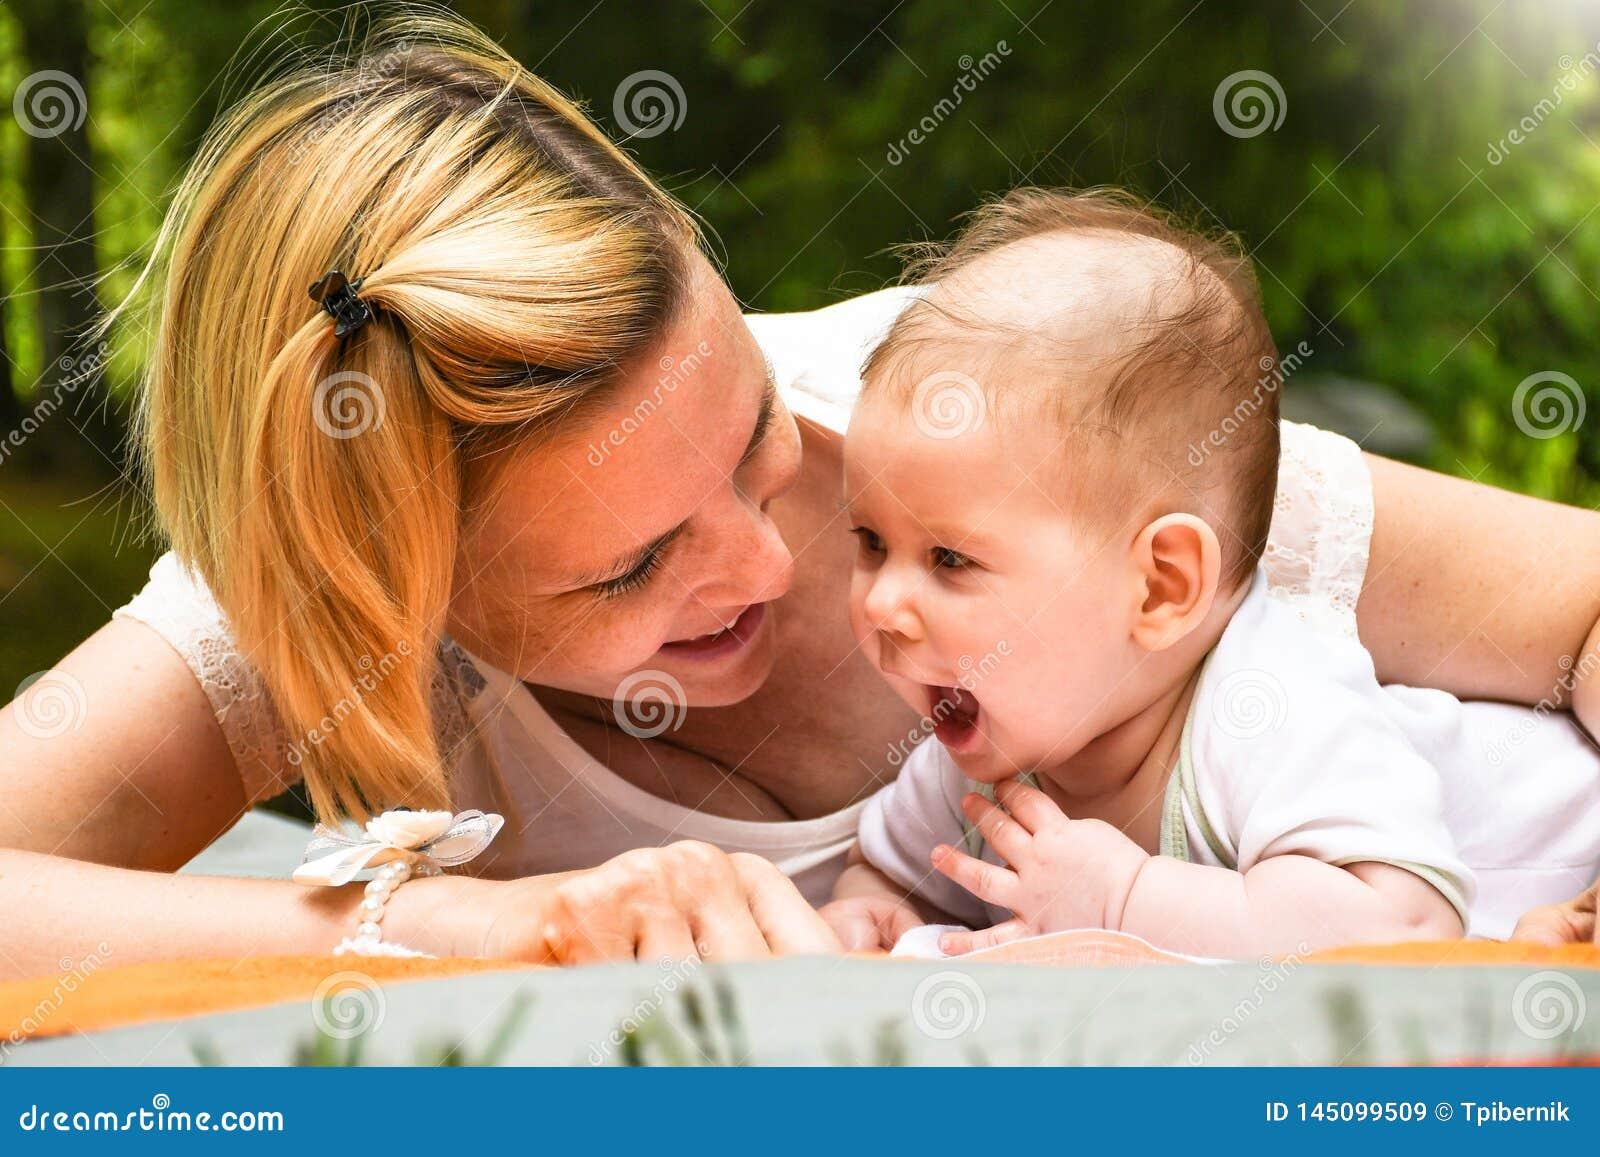 Όμορφη νέα ευτυχής μητέρα με τα ξανθά μαλλιά που βάζουν στο κάλυμμα και που παίζουν με το νεογέννητο μωρό της